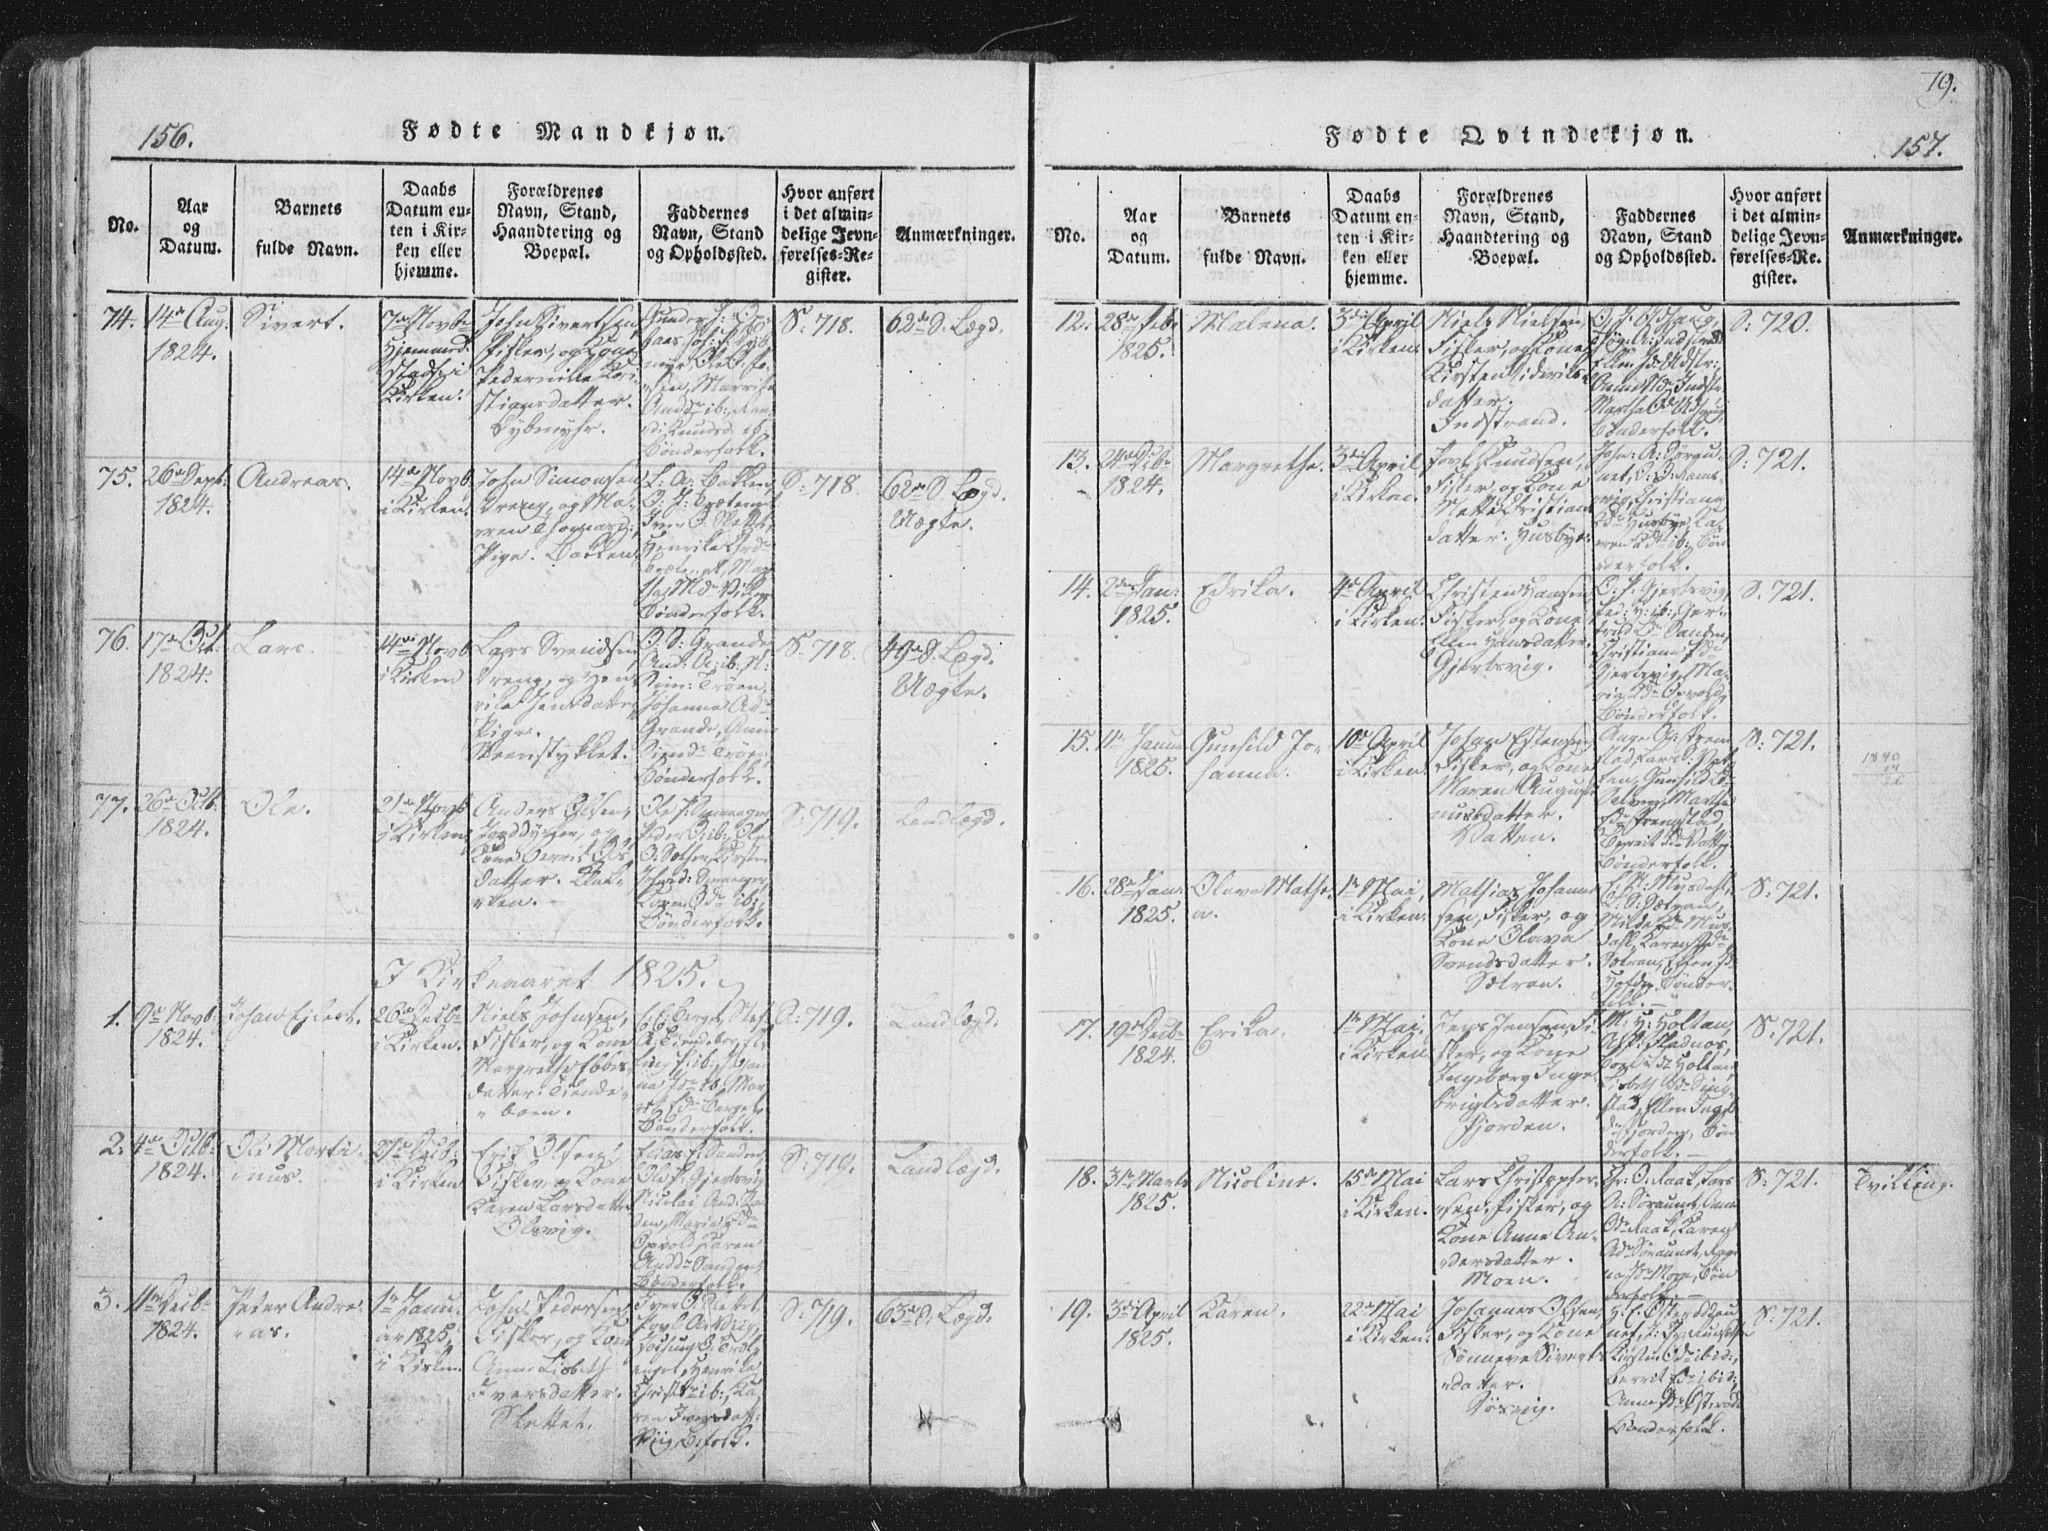 SAT, Ministerialprotokoller, klokkerbøker og fødselsregistre - Sør-Trøndelag, 659/L0734: Ministerialbok nr. 659A04, 1818-1825, s. 156-157